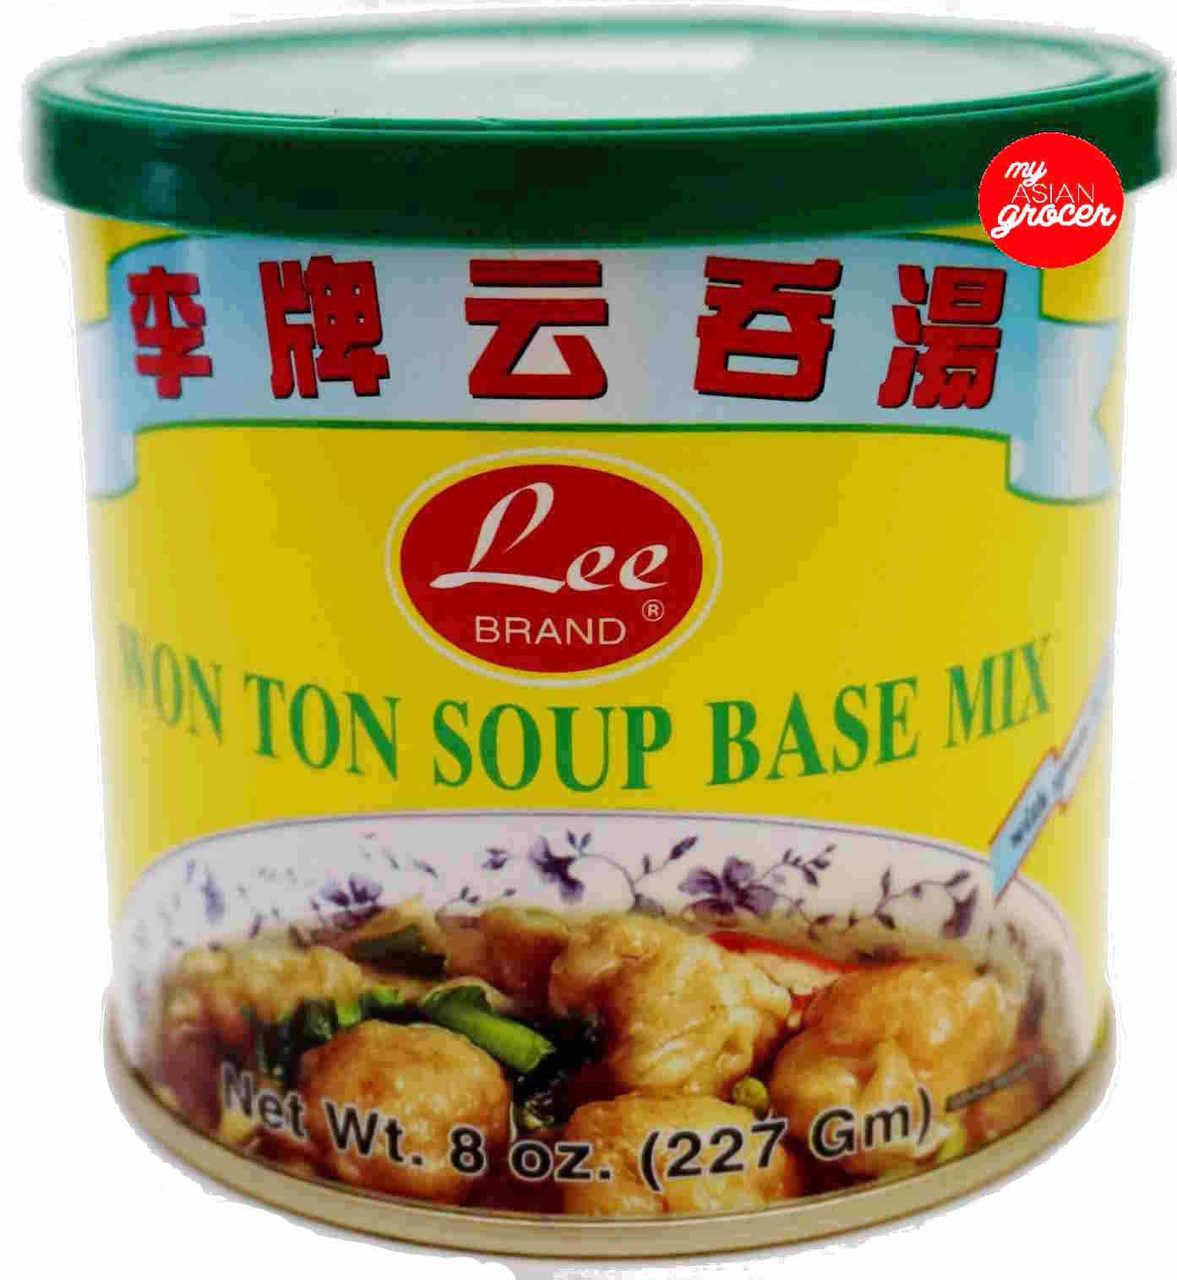 Lee Brand Wonton Soup Base Mix 227g